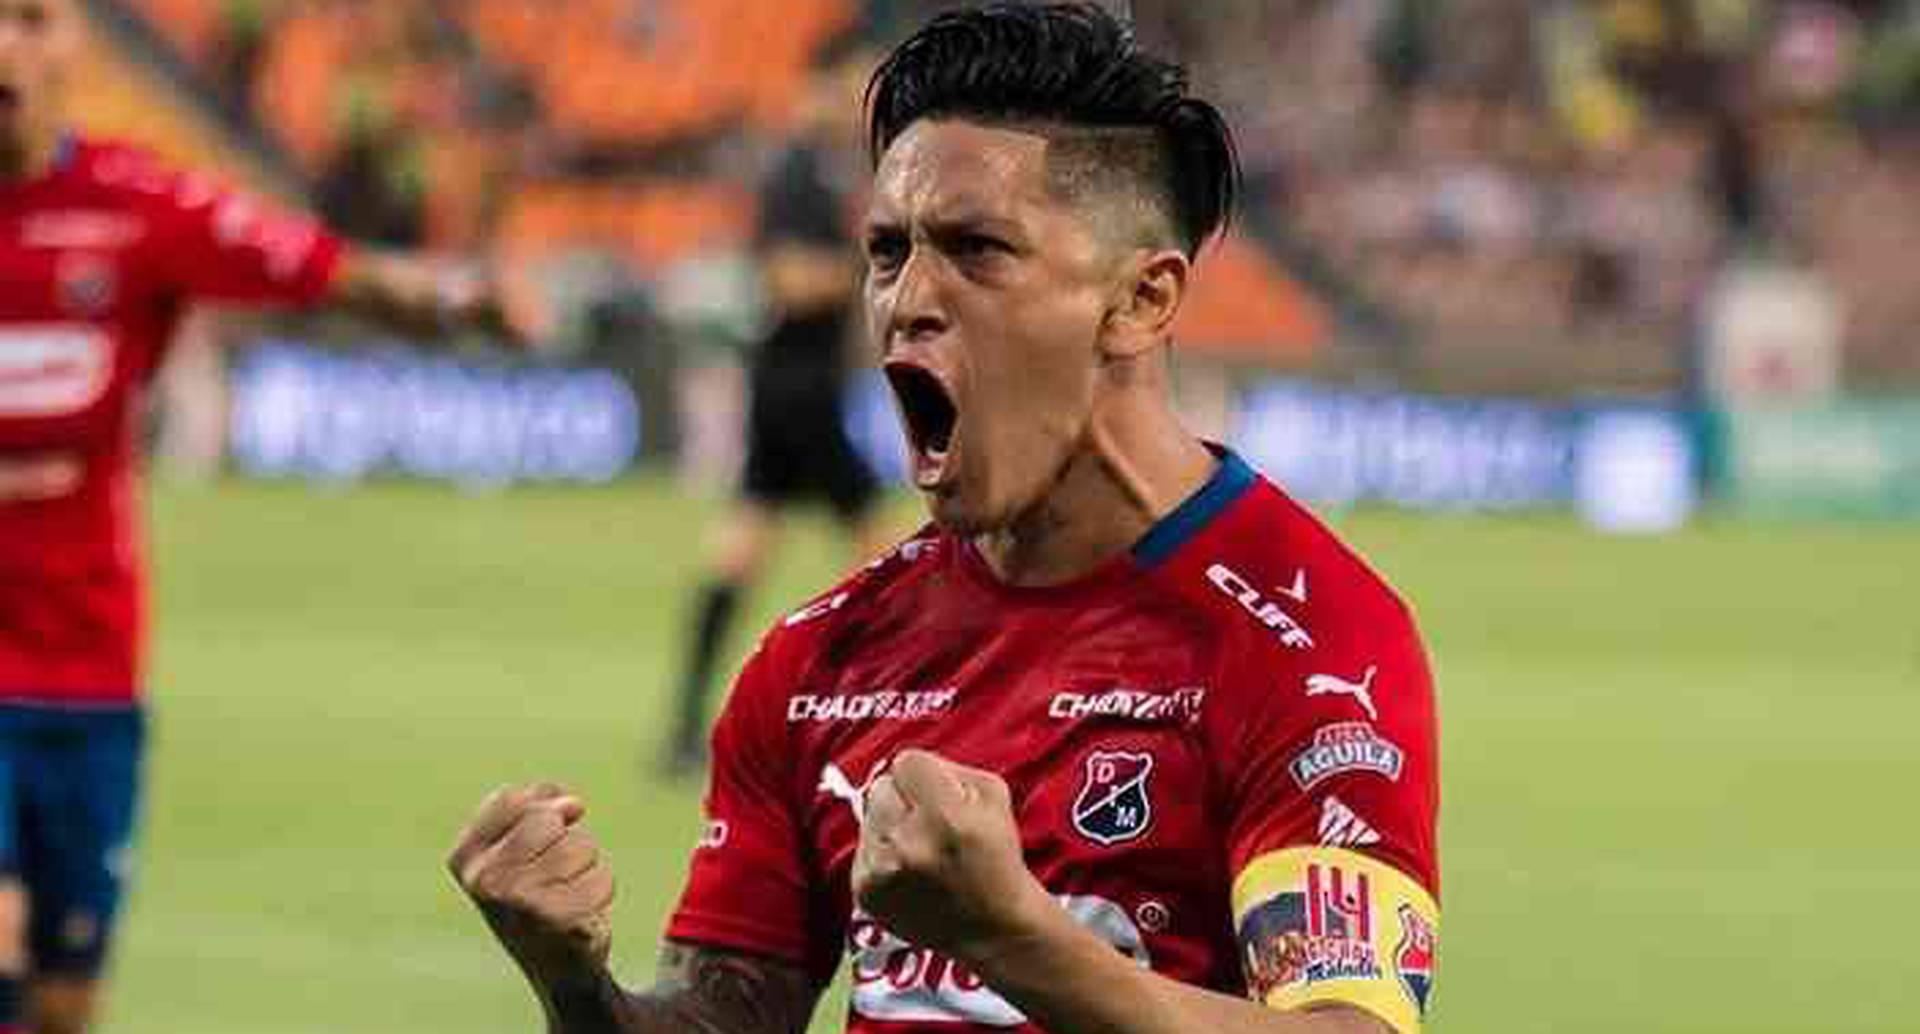 El goleador marcó 41 goles en 47 partidos en 2019.